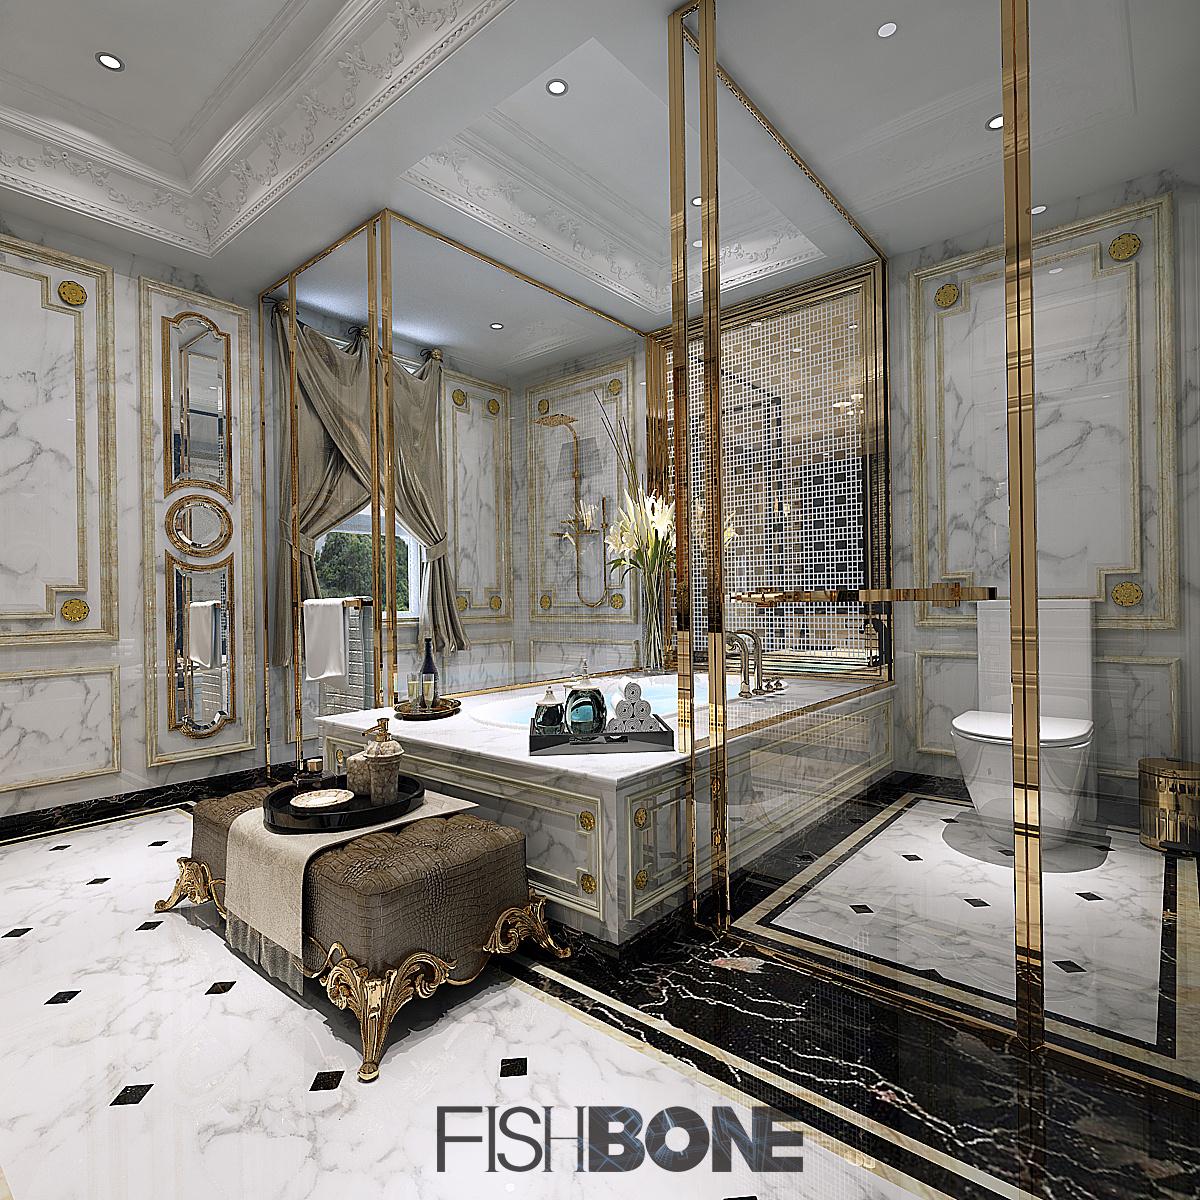 鱼骨设计-巴洛克风格别墅 空间 室内设计 鱼骨设计所